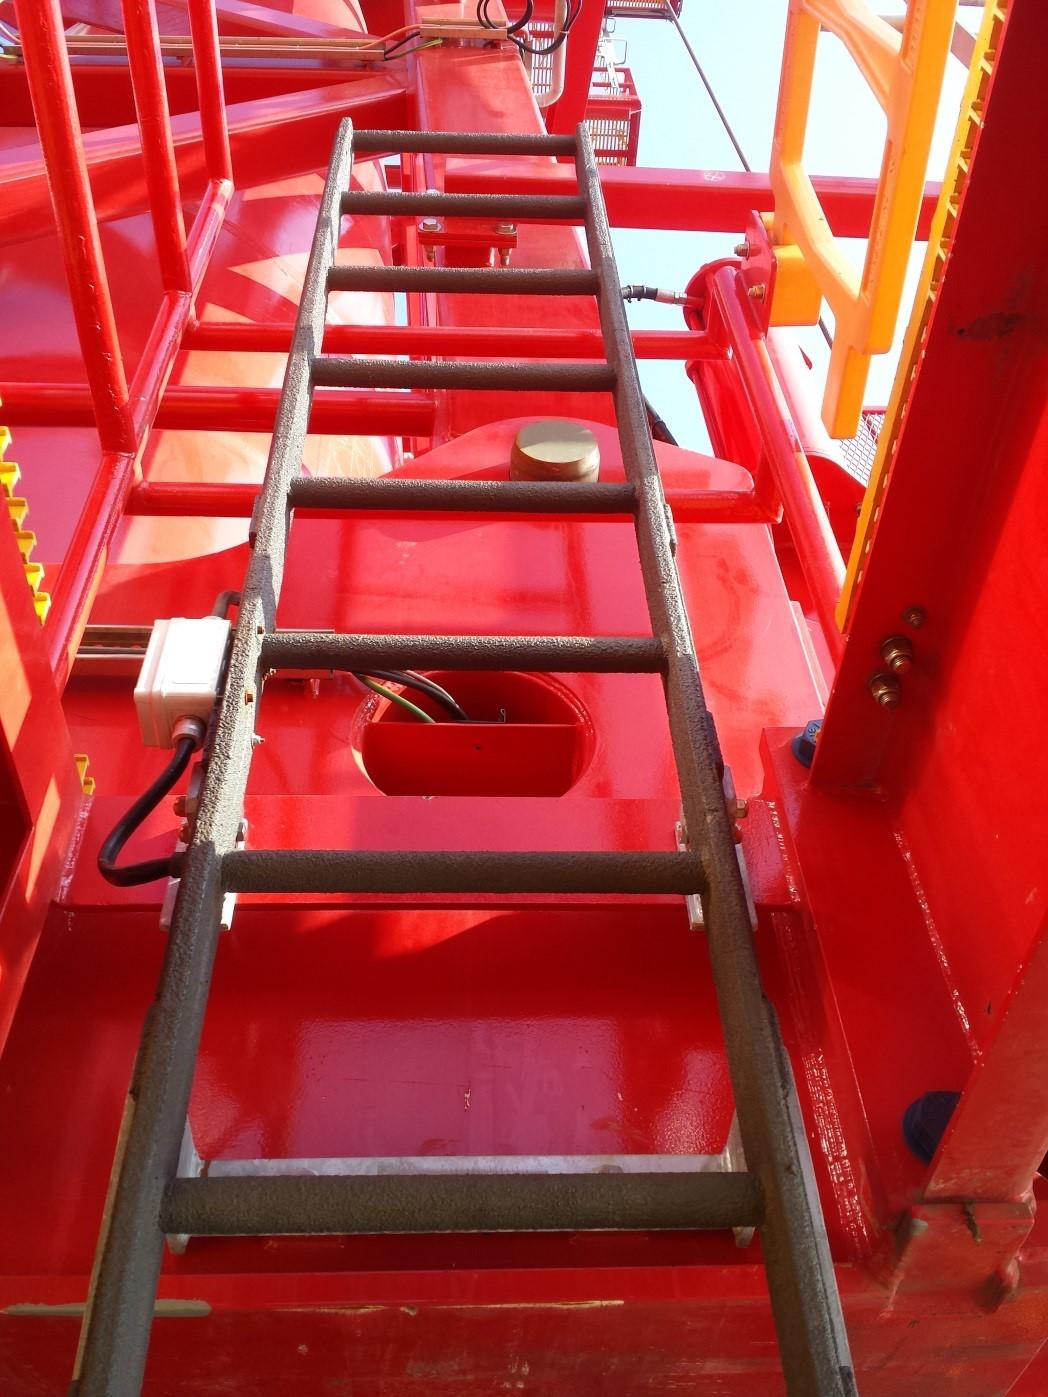 Heated Grip Ladder